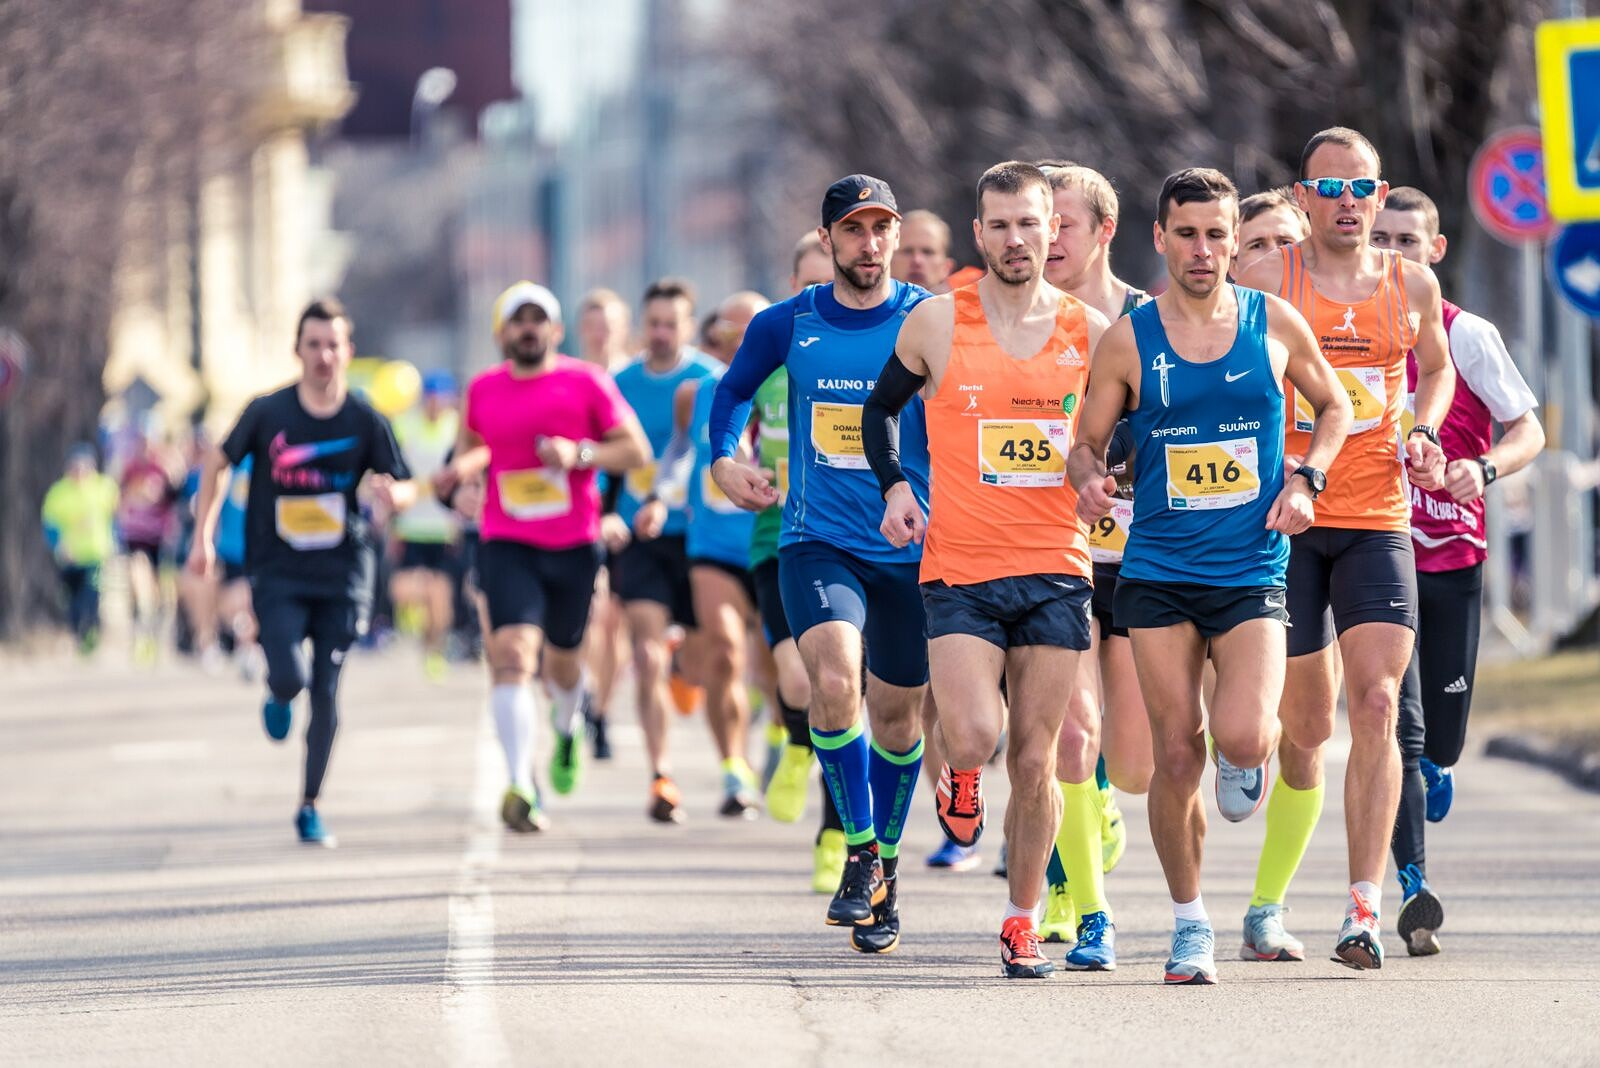 Atklās skriešanas sezonu un koptreniņos gatavosies pusmaratonam